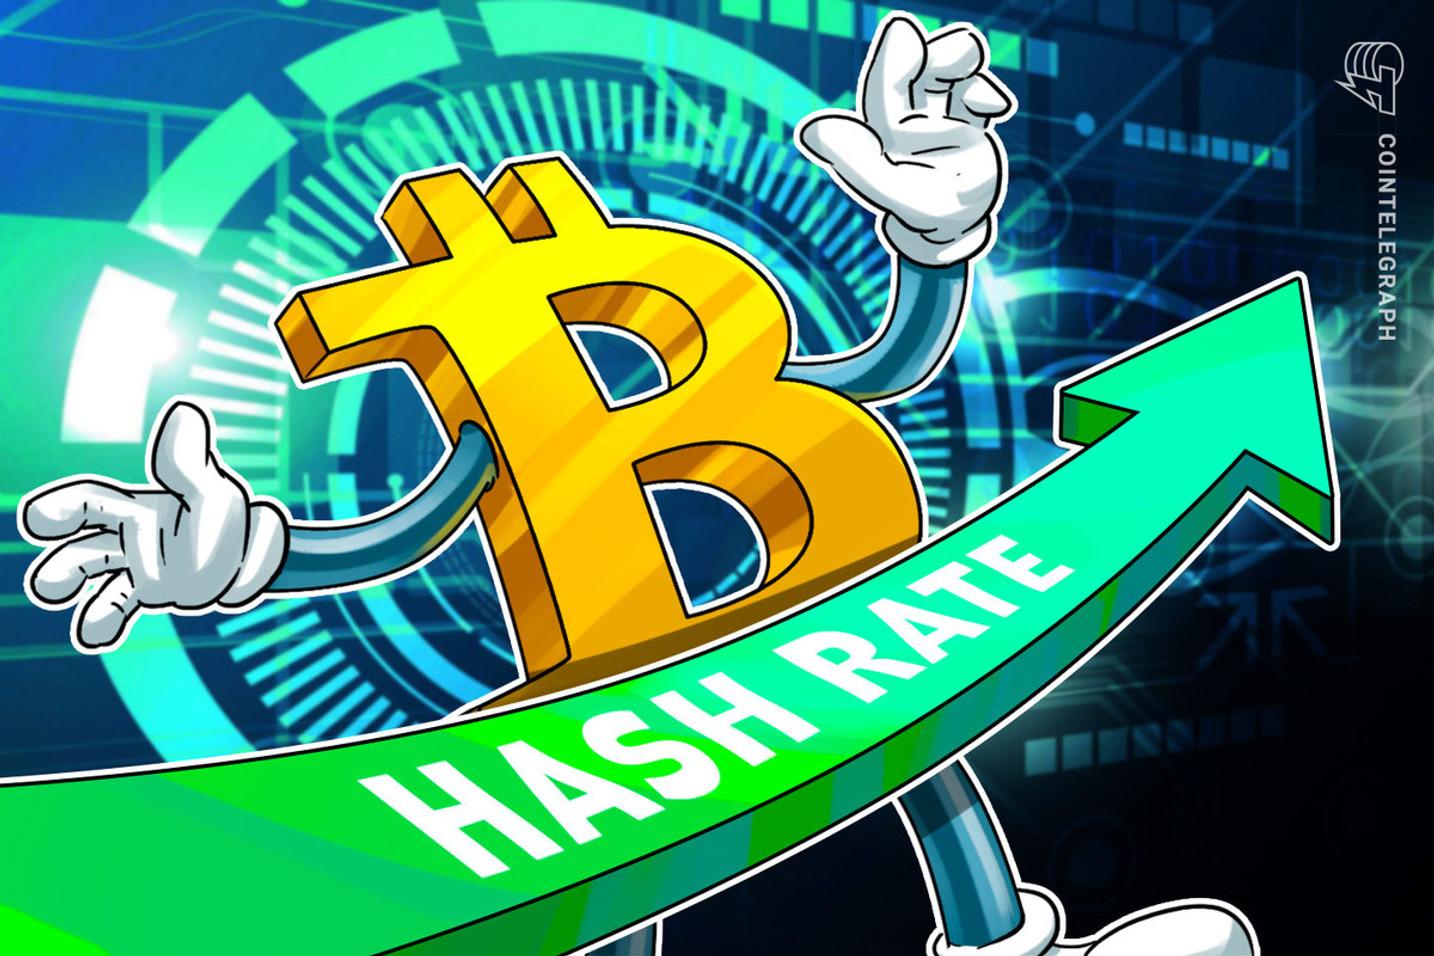 La tasa de hash y el precio de Bitcoin durante los eventos mineros: ¿están relacionados?